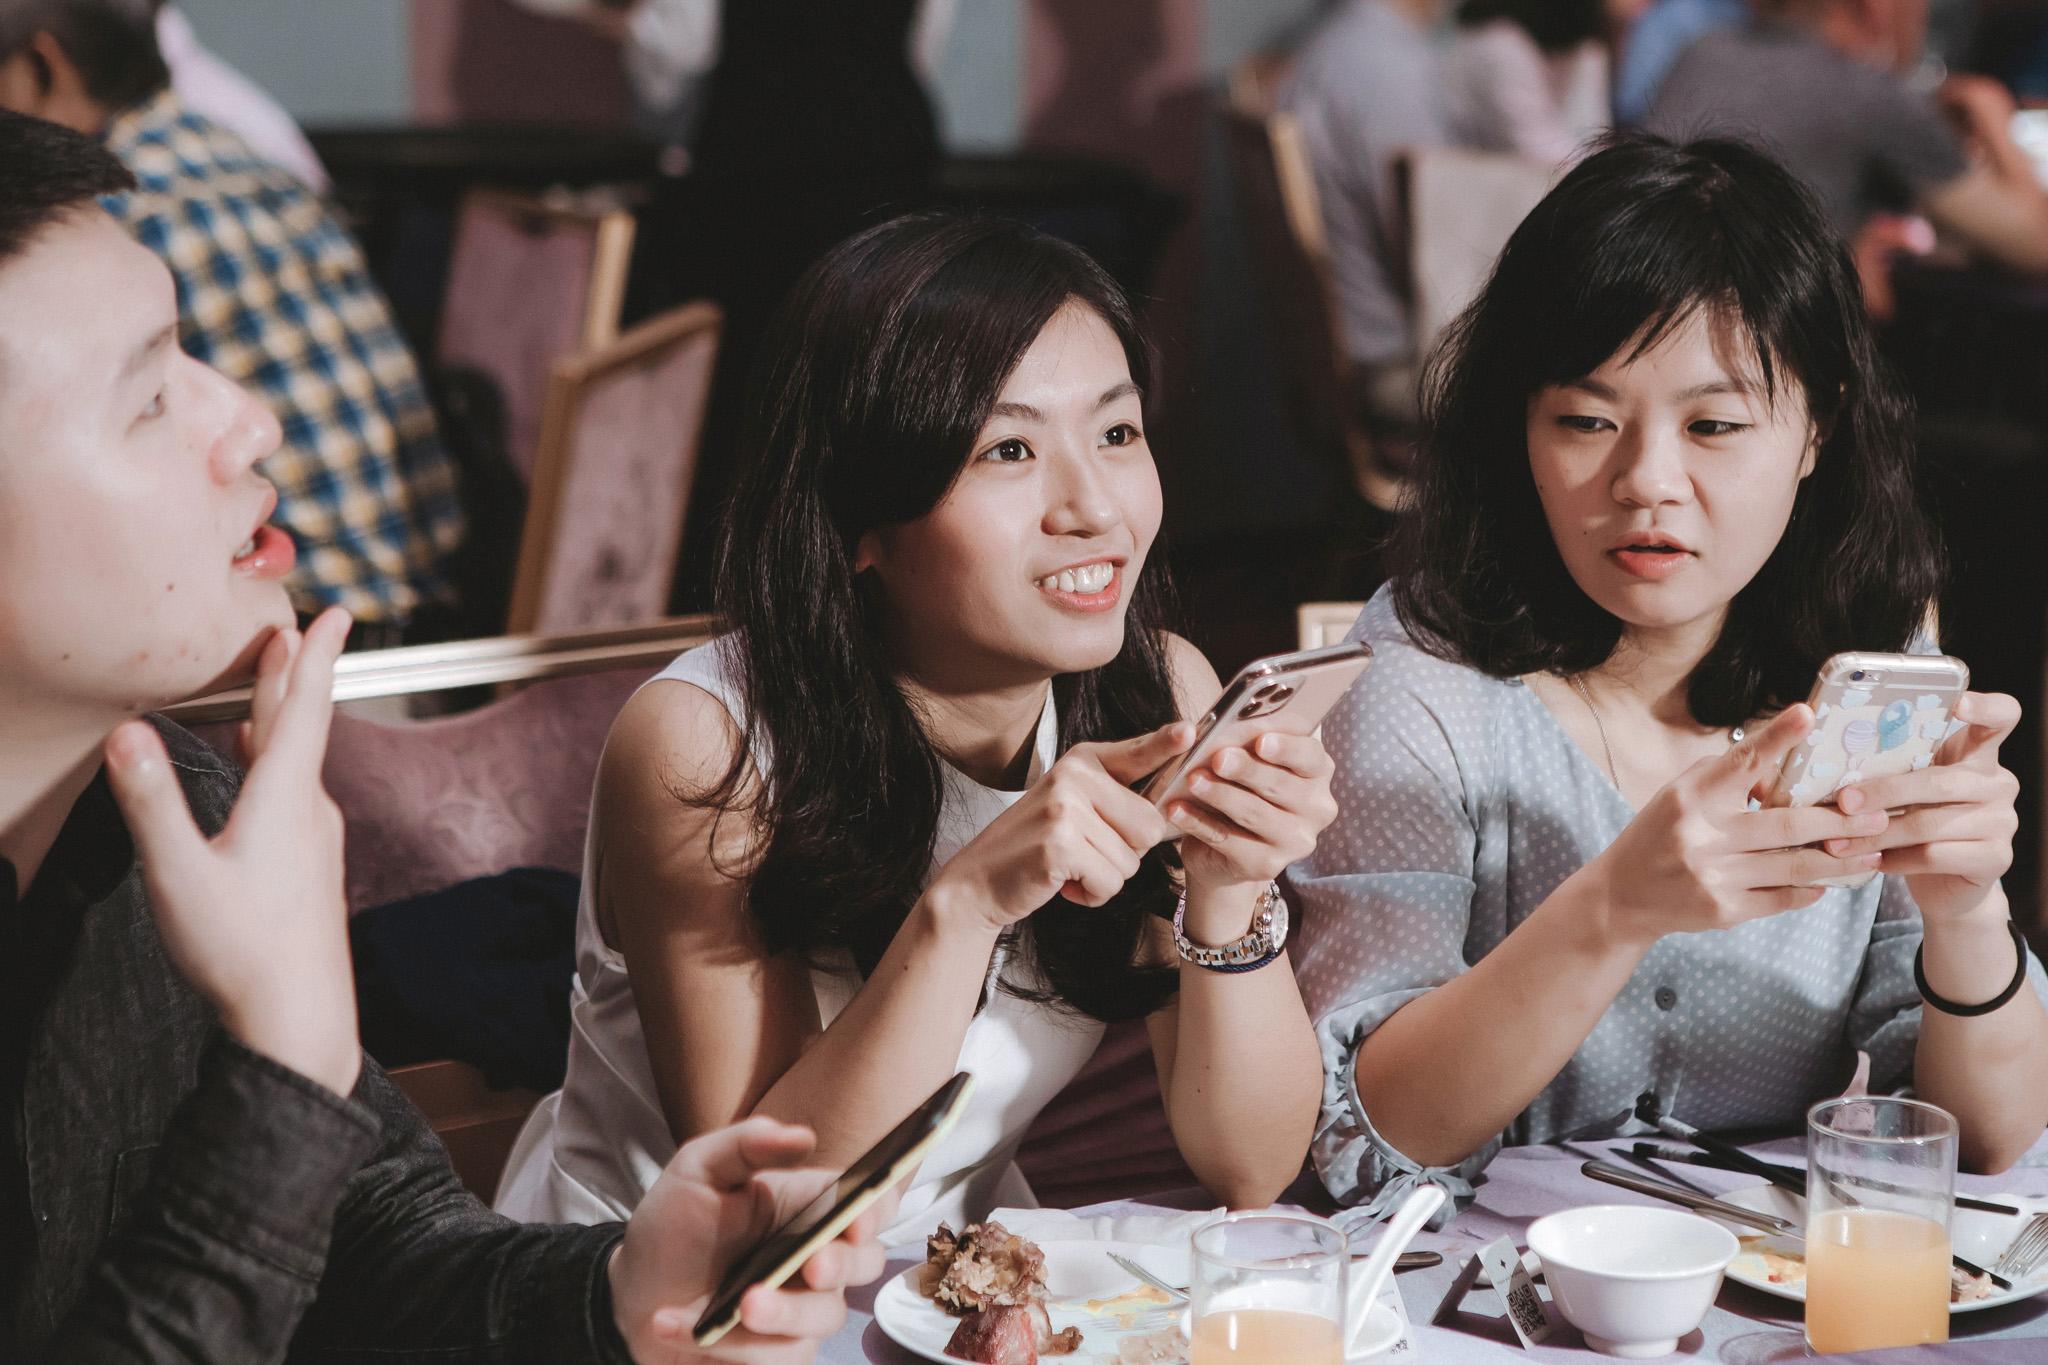 EW 居米 台北婚宴 台北婚紗 台北婚攝 國泰萬怡 台北婚禮 -52